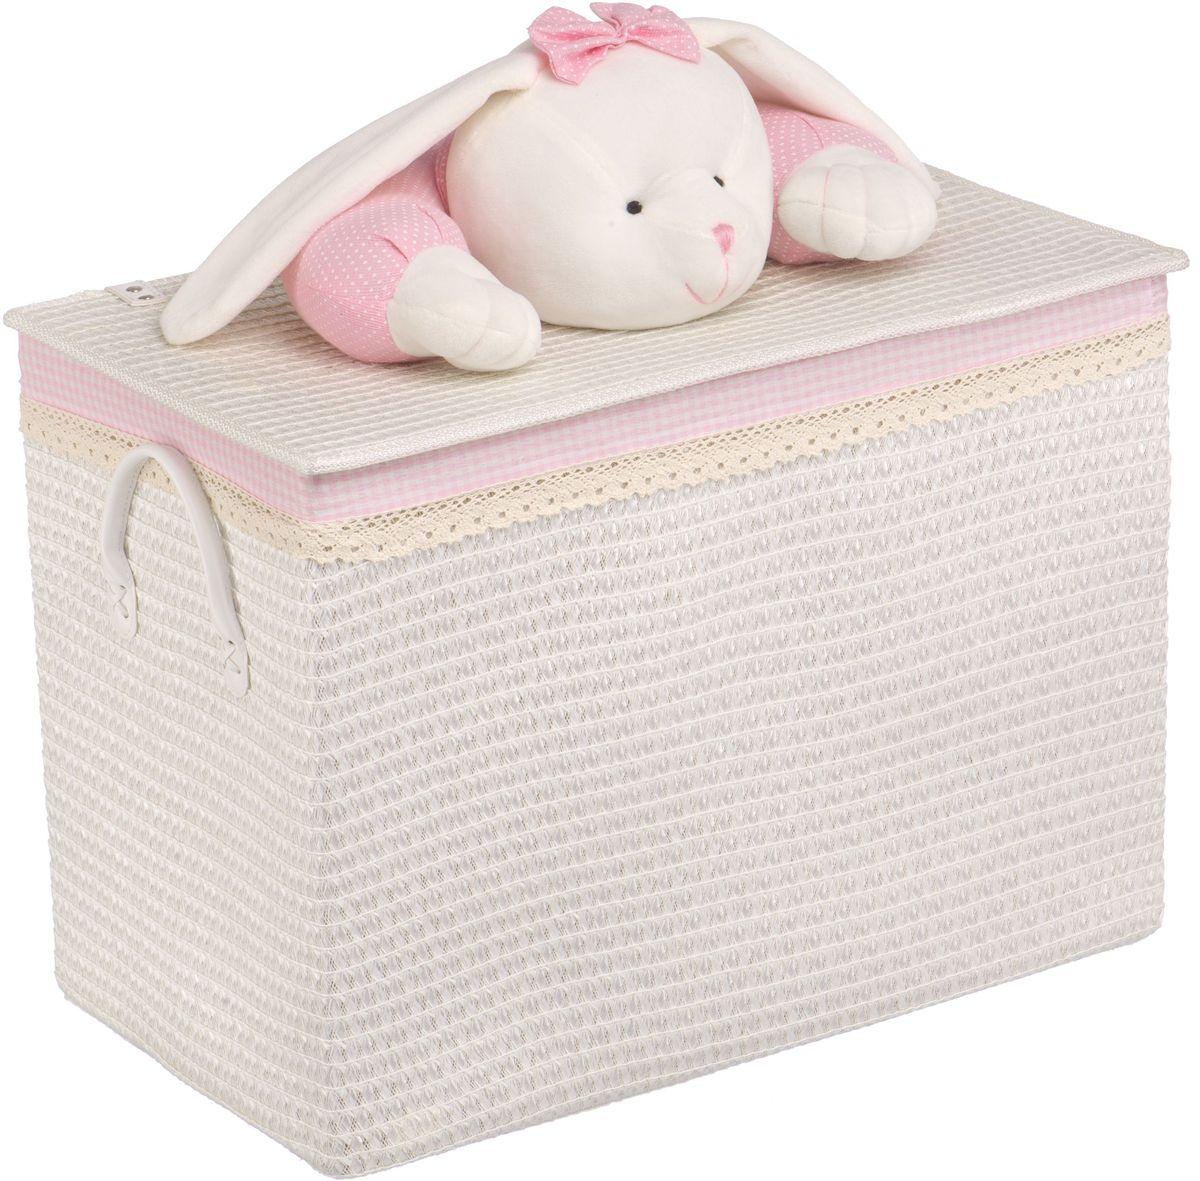 Корзина для белья Natural House Зайчик, цвет: белый, 55 x 32 x 40 см игрушки для новорожденных зайчик